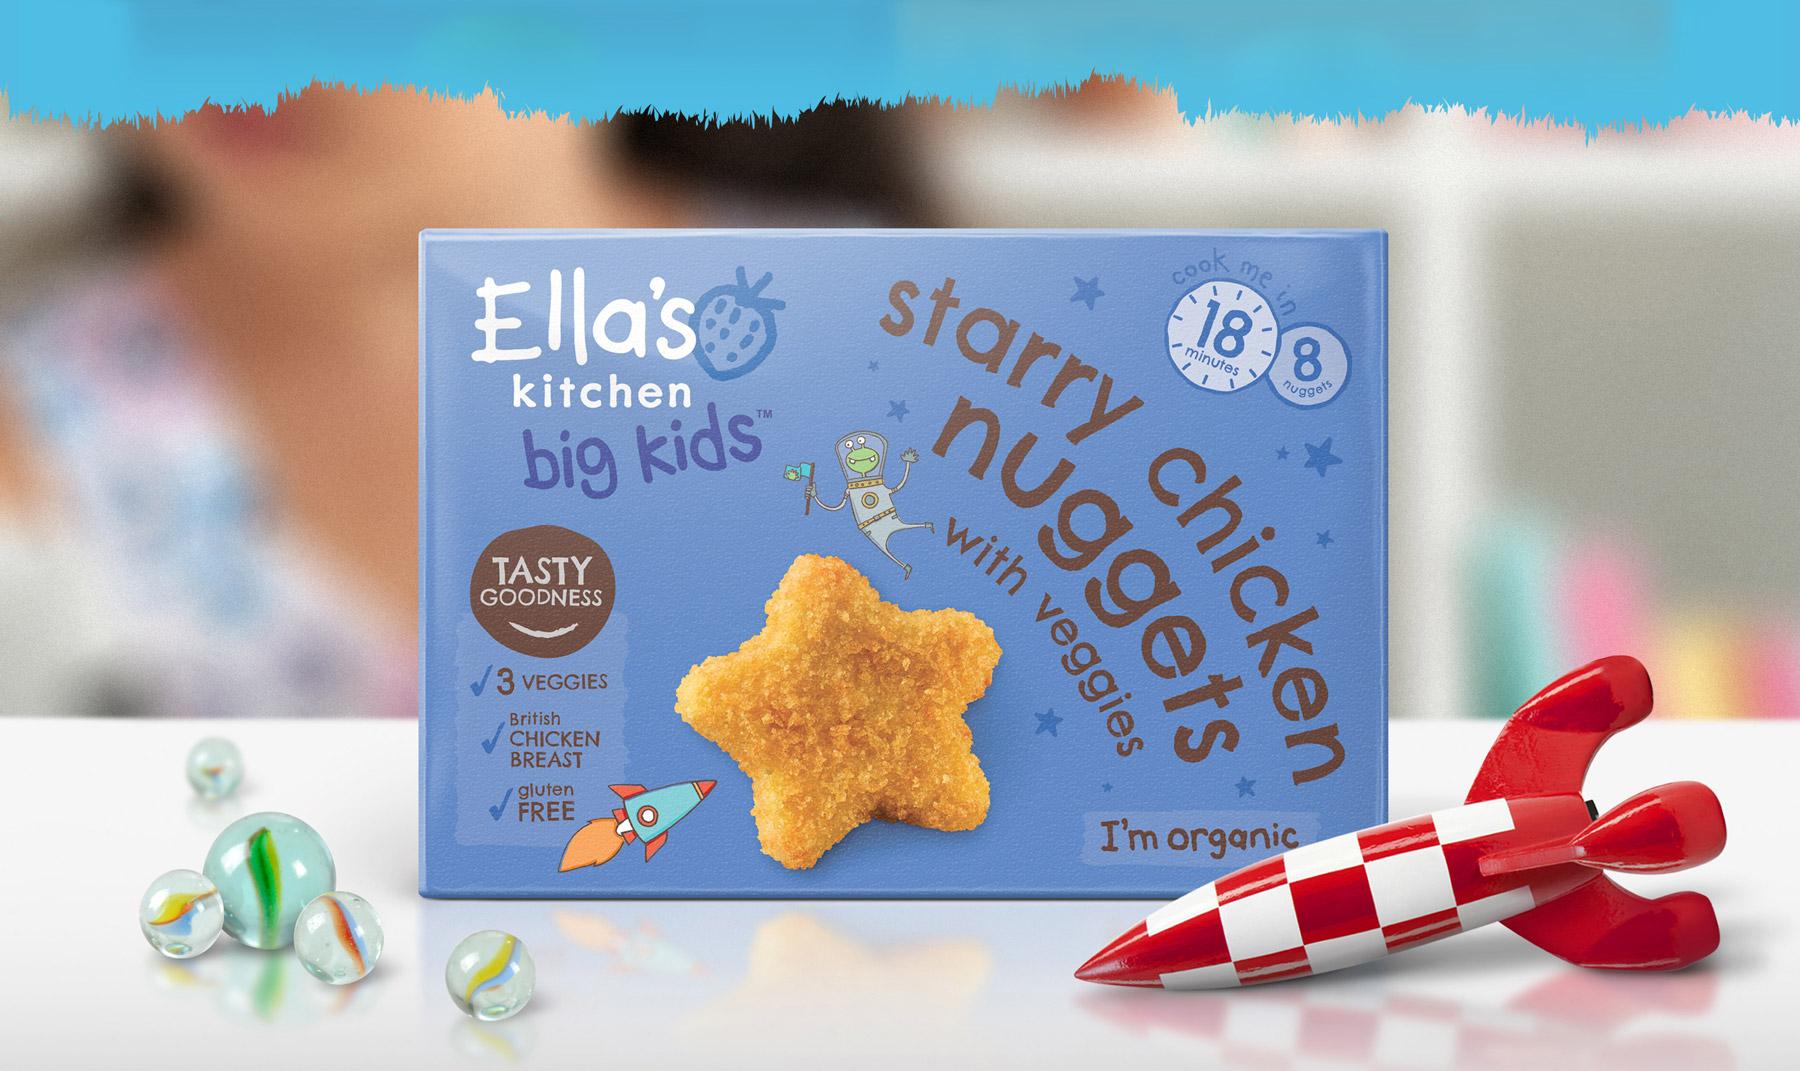 Ella's Kitchen Brand identity packaging design visuals